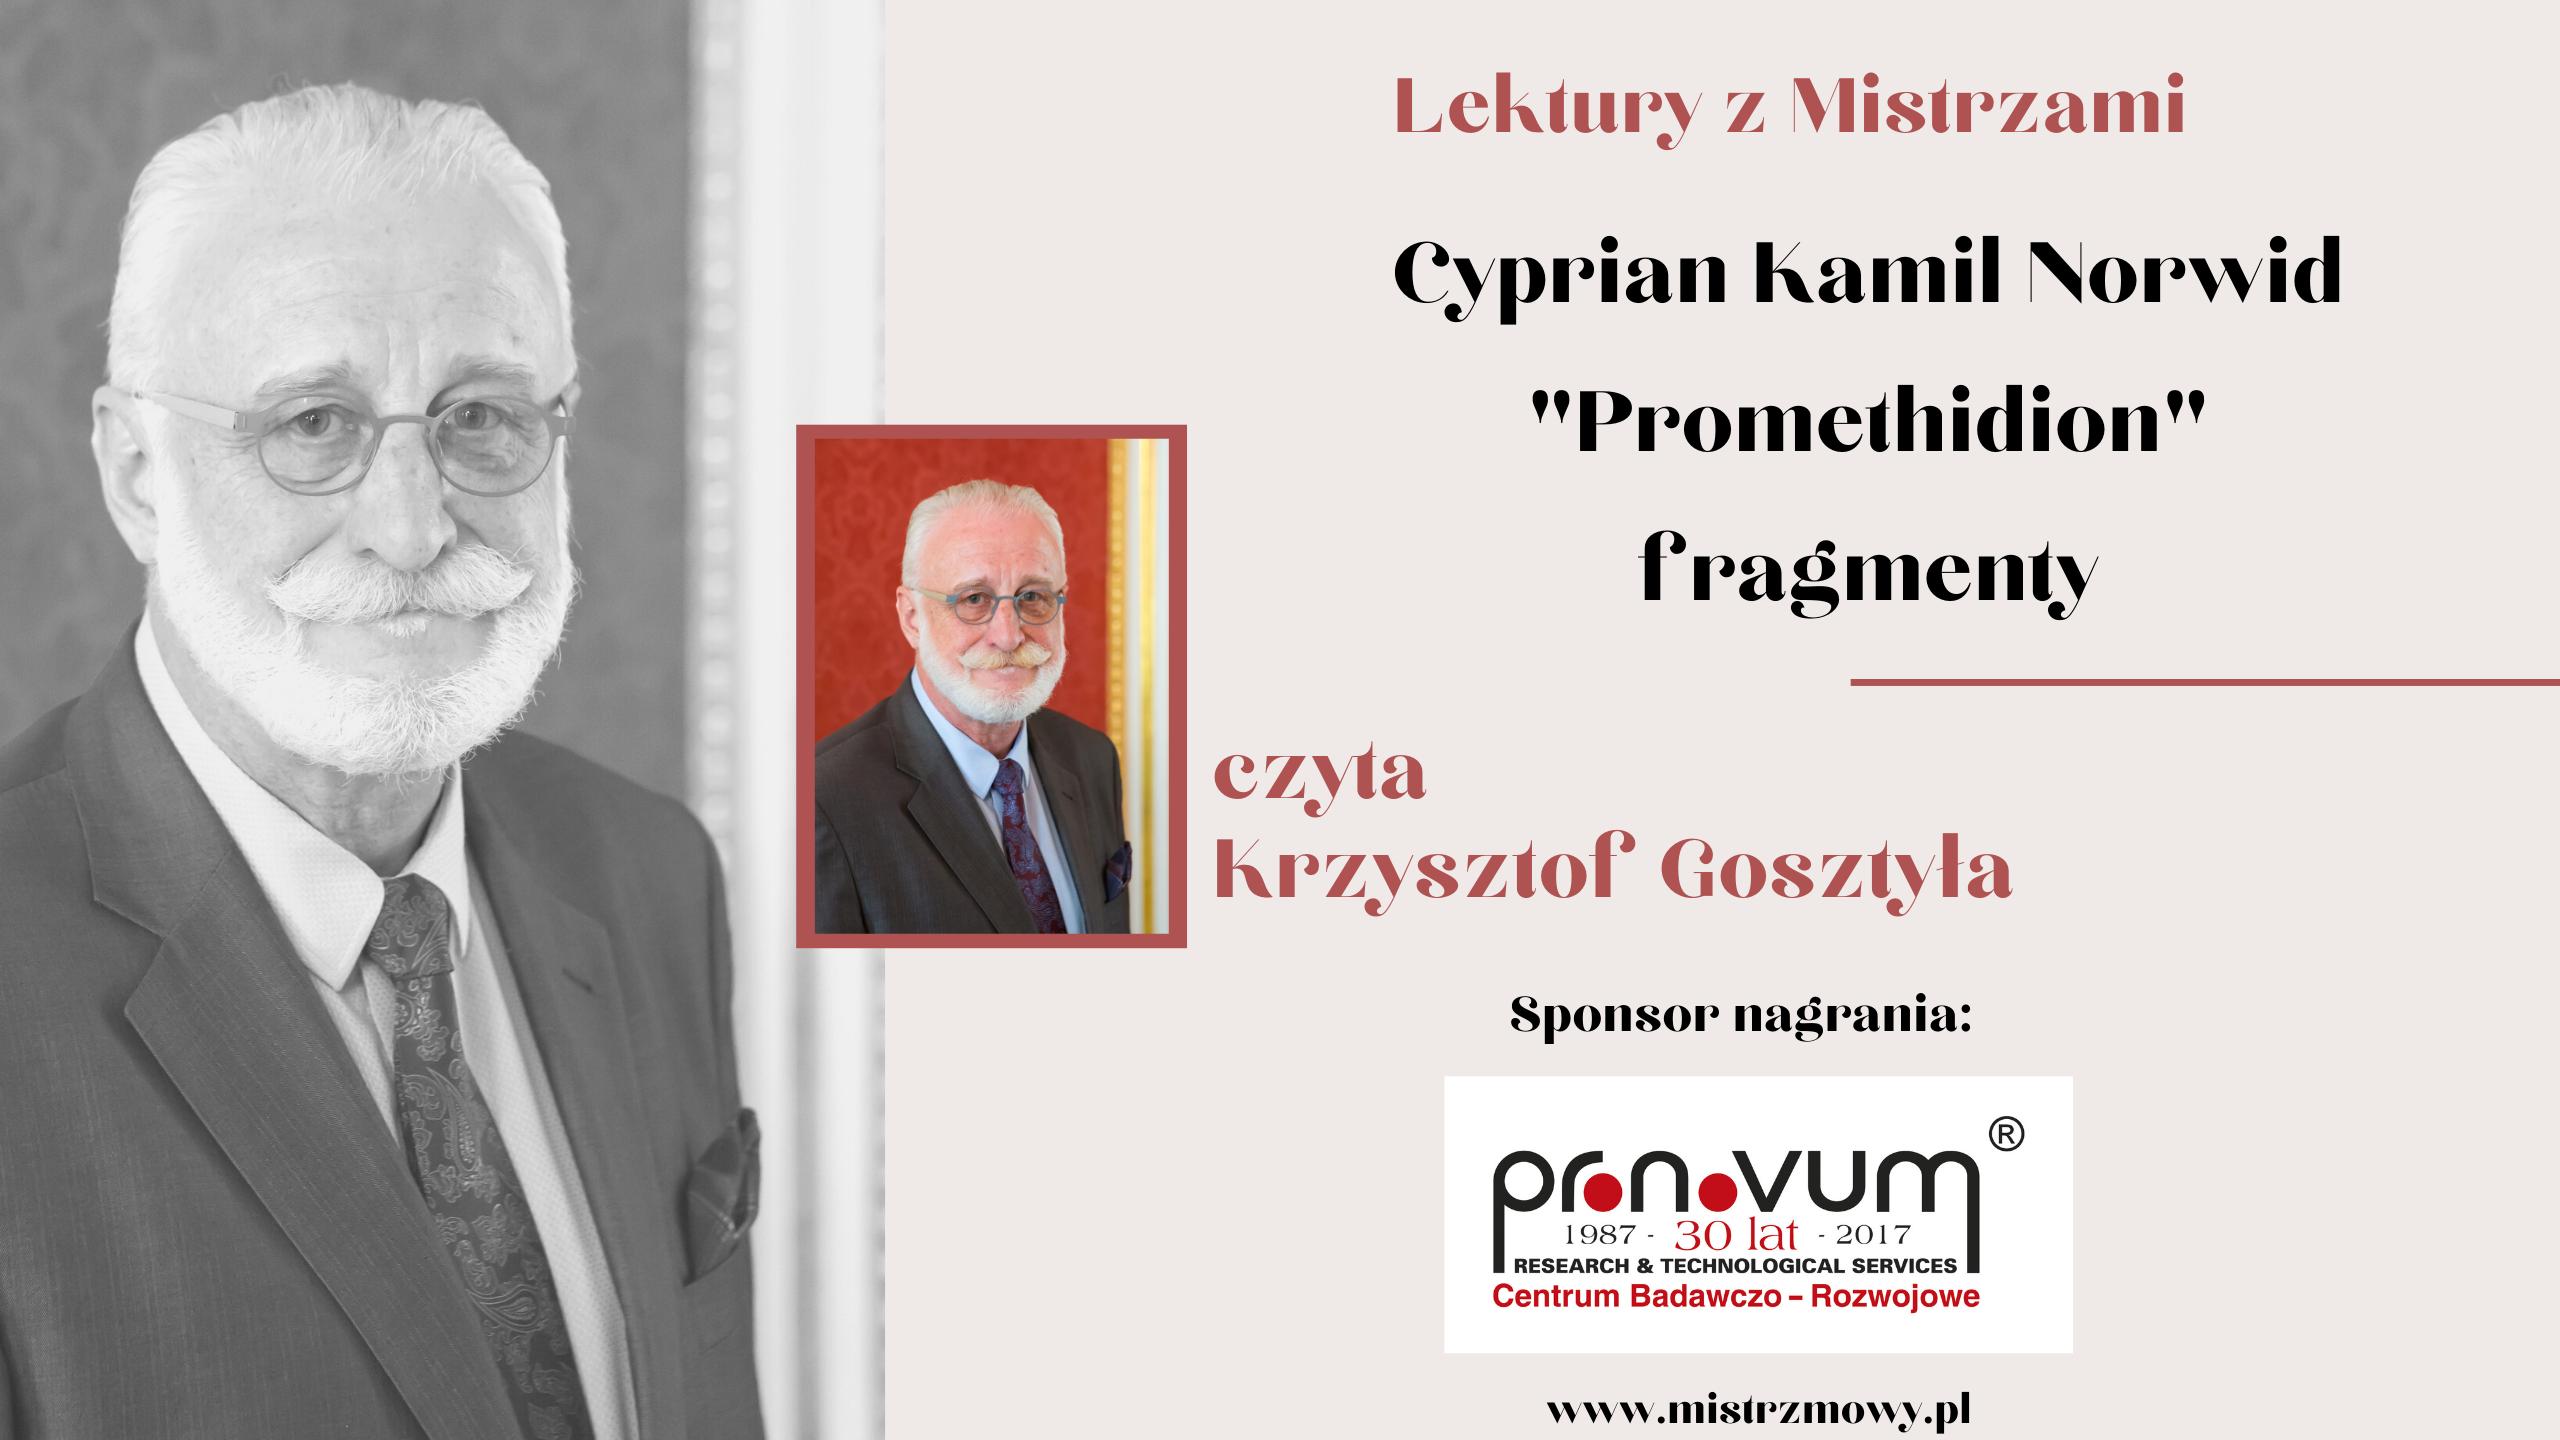 cyprian-kamil-norwid-promethidion-czyta-krzysztof-gosztyla